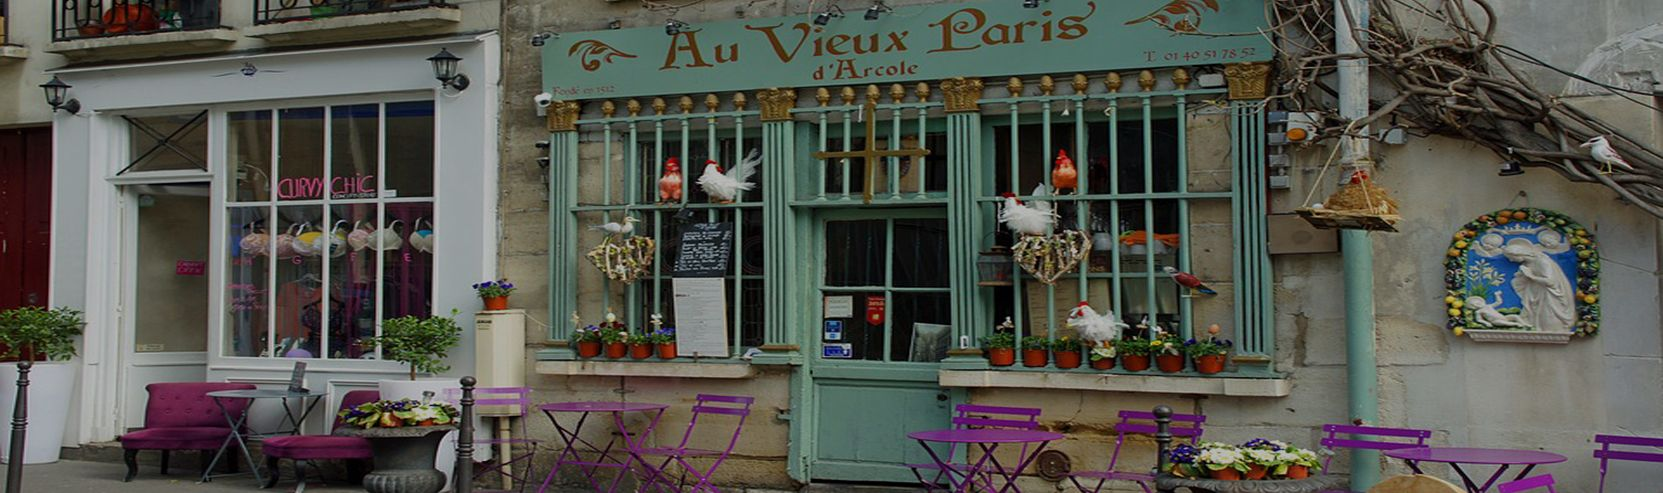 Au Vieux Paris d'Arcole Café